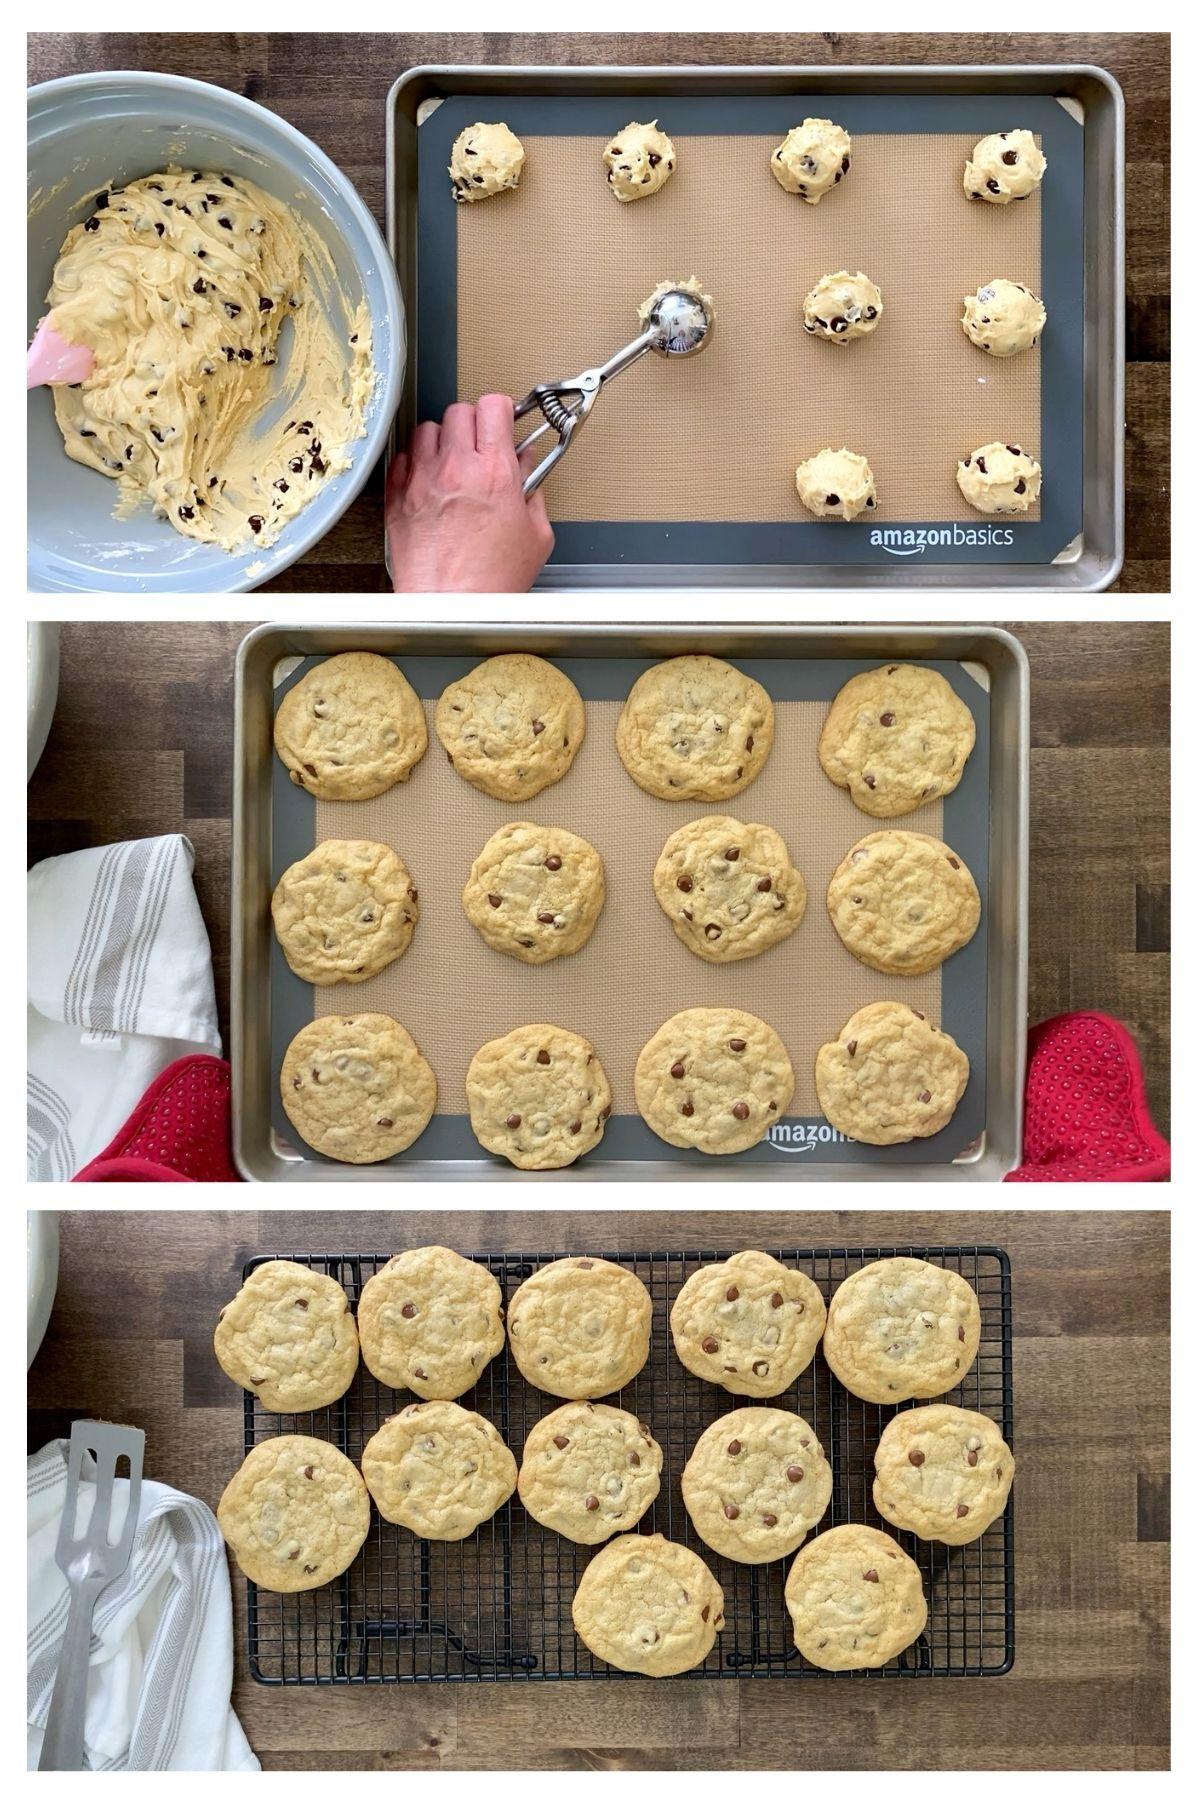 Frozen gluten-free chocolate chip cookie dough.